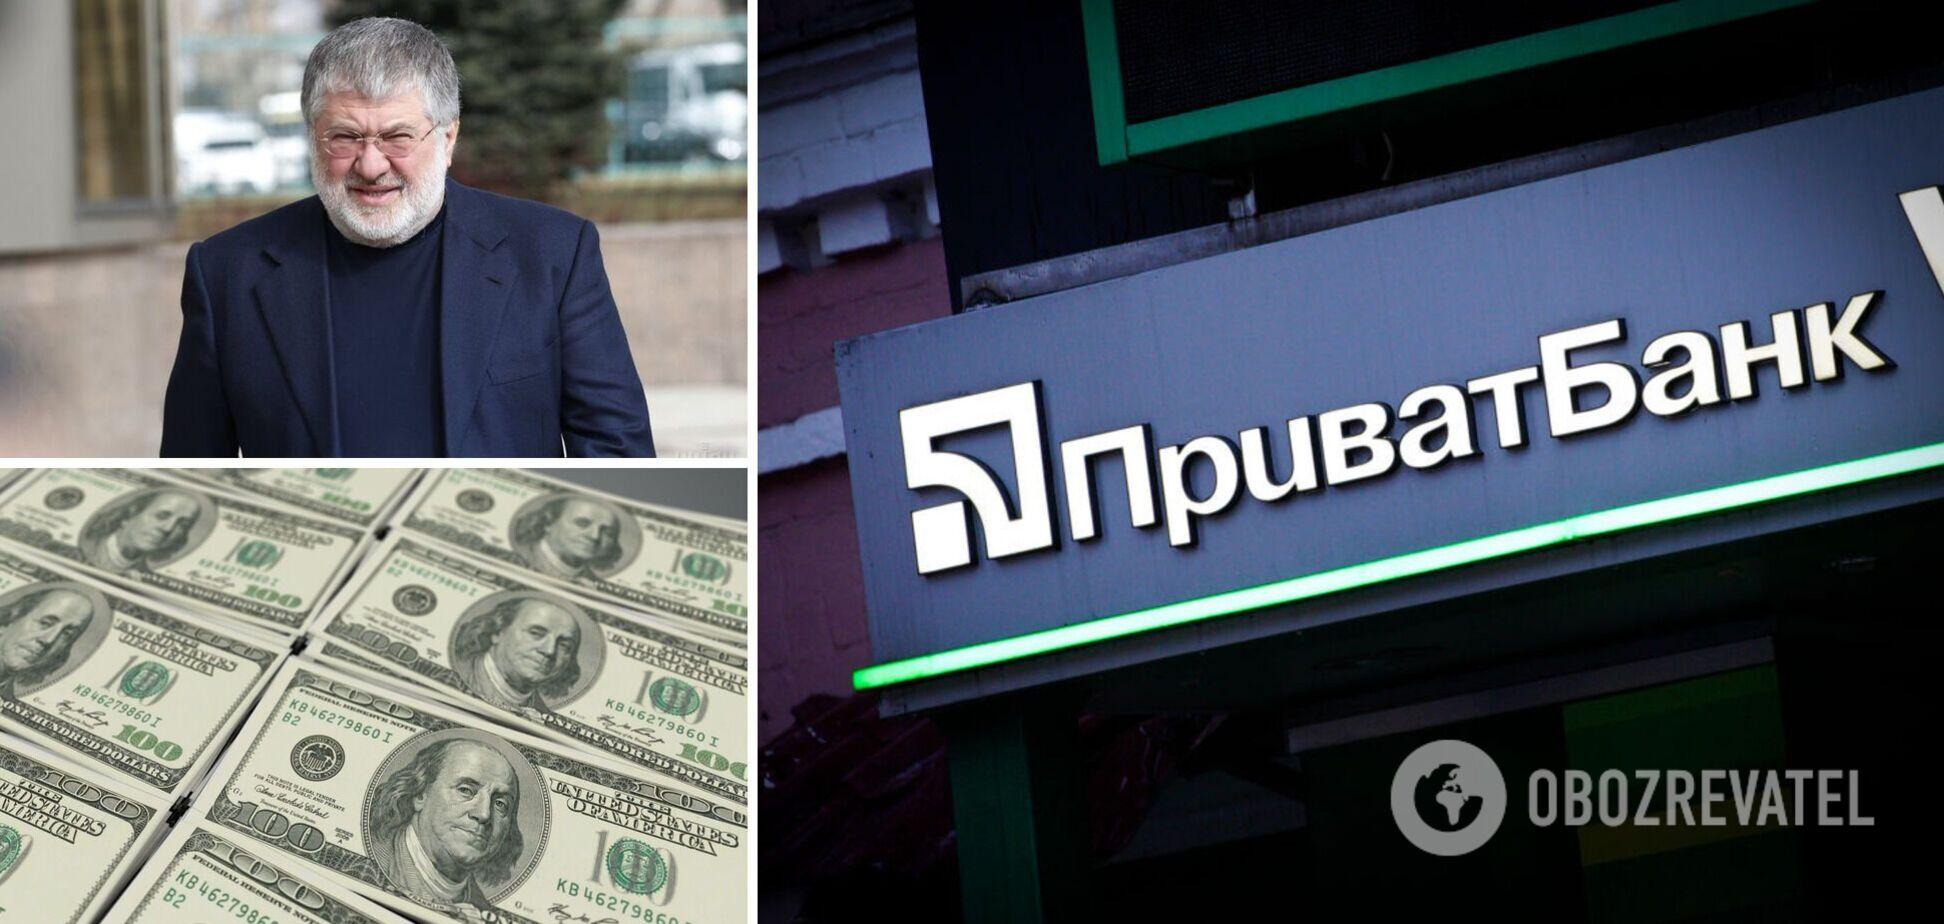 Коломойский 'получил' иск от ПриватБанка через газету